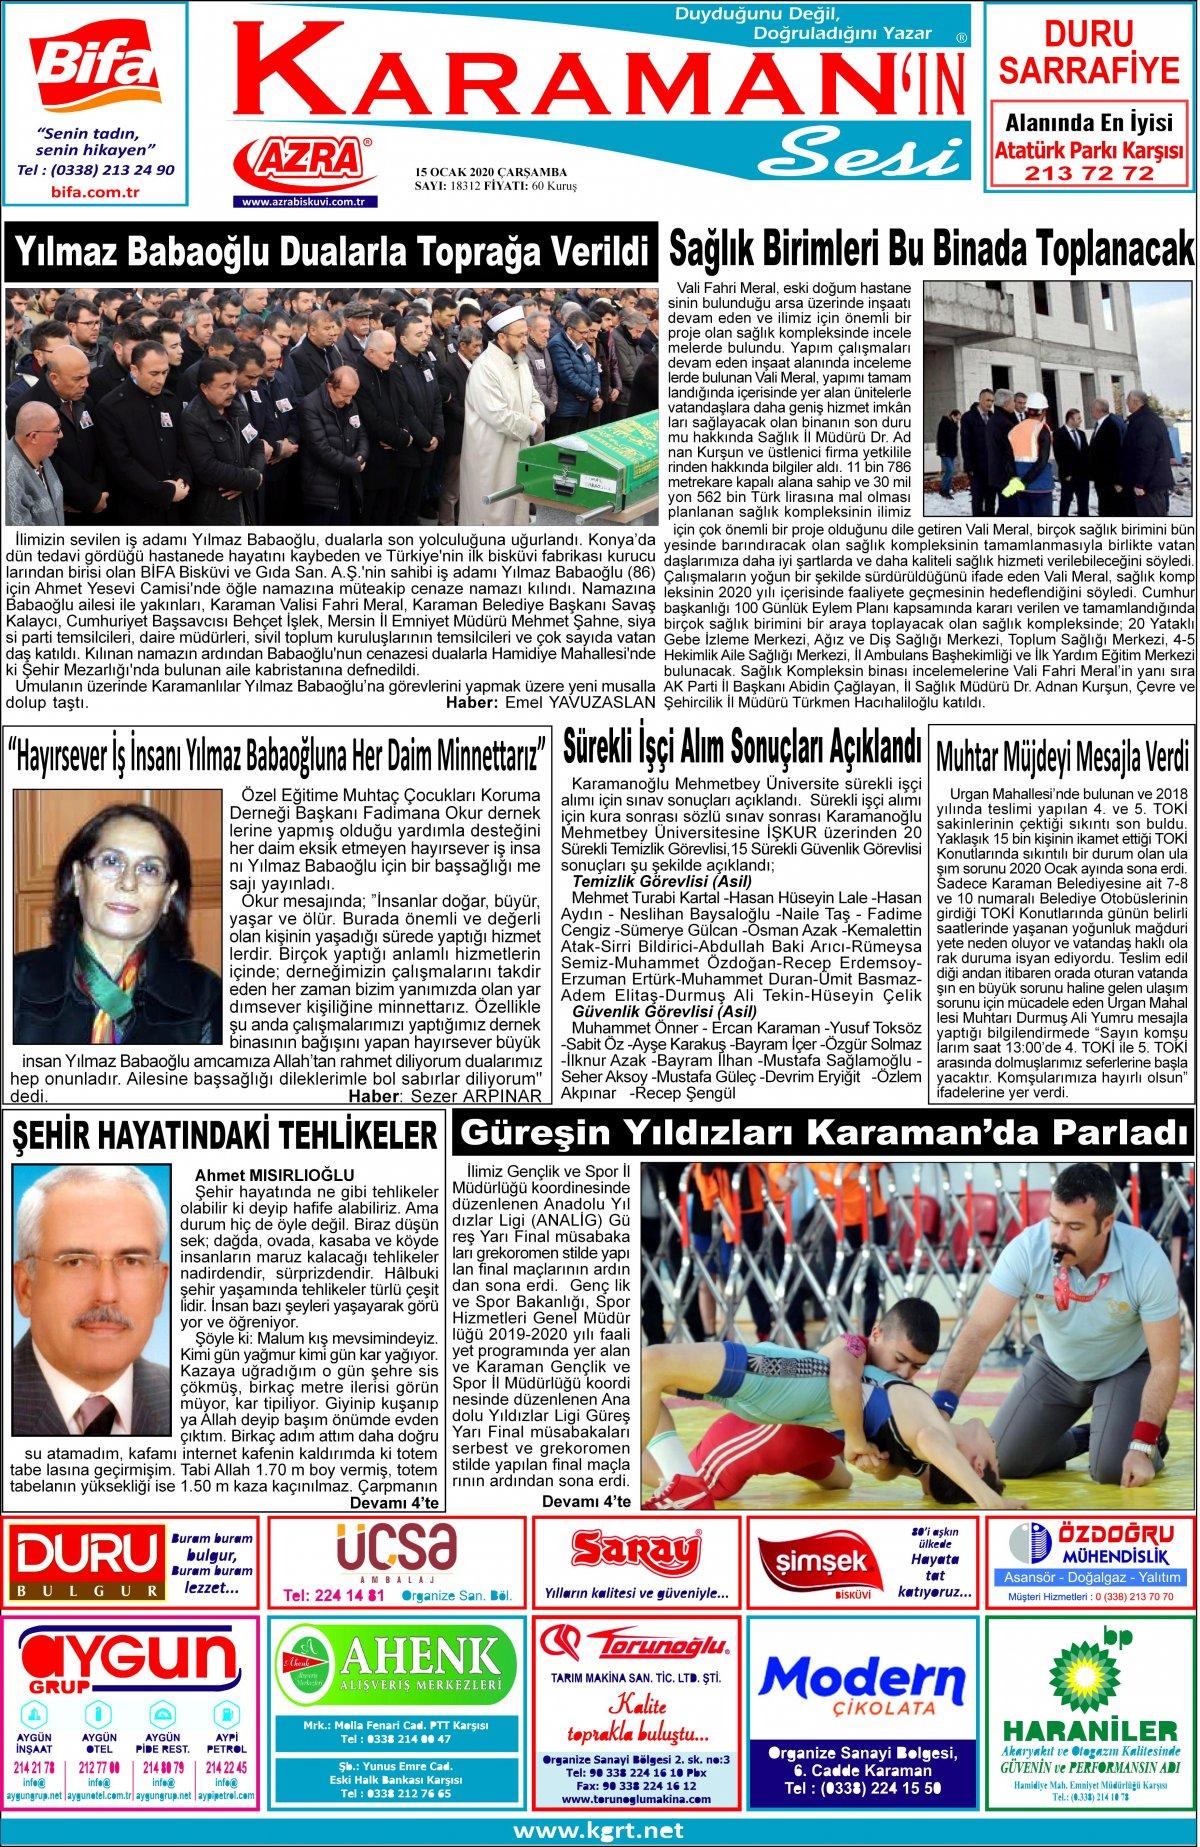 www.kgrt.net - 15.01.2020 Manşeti